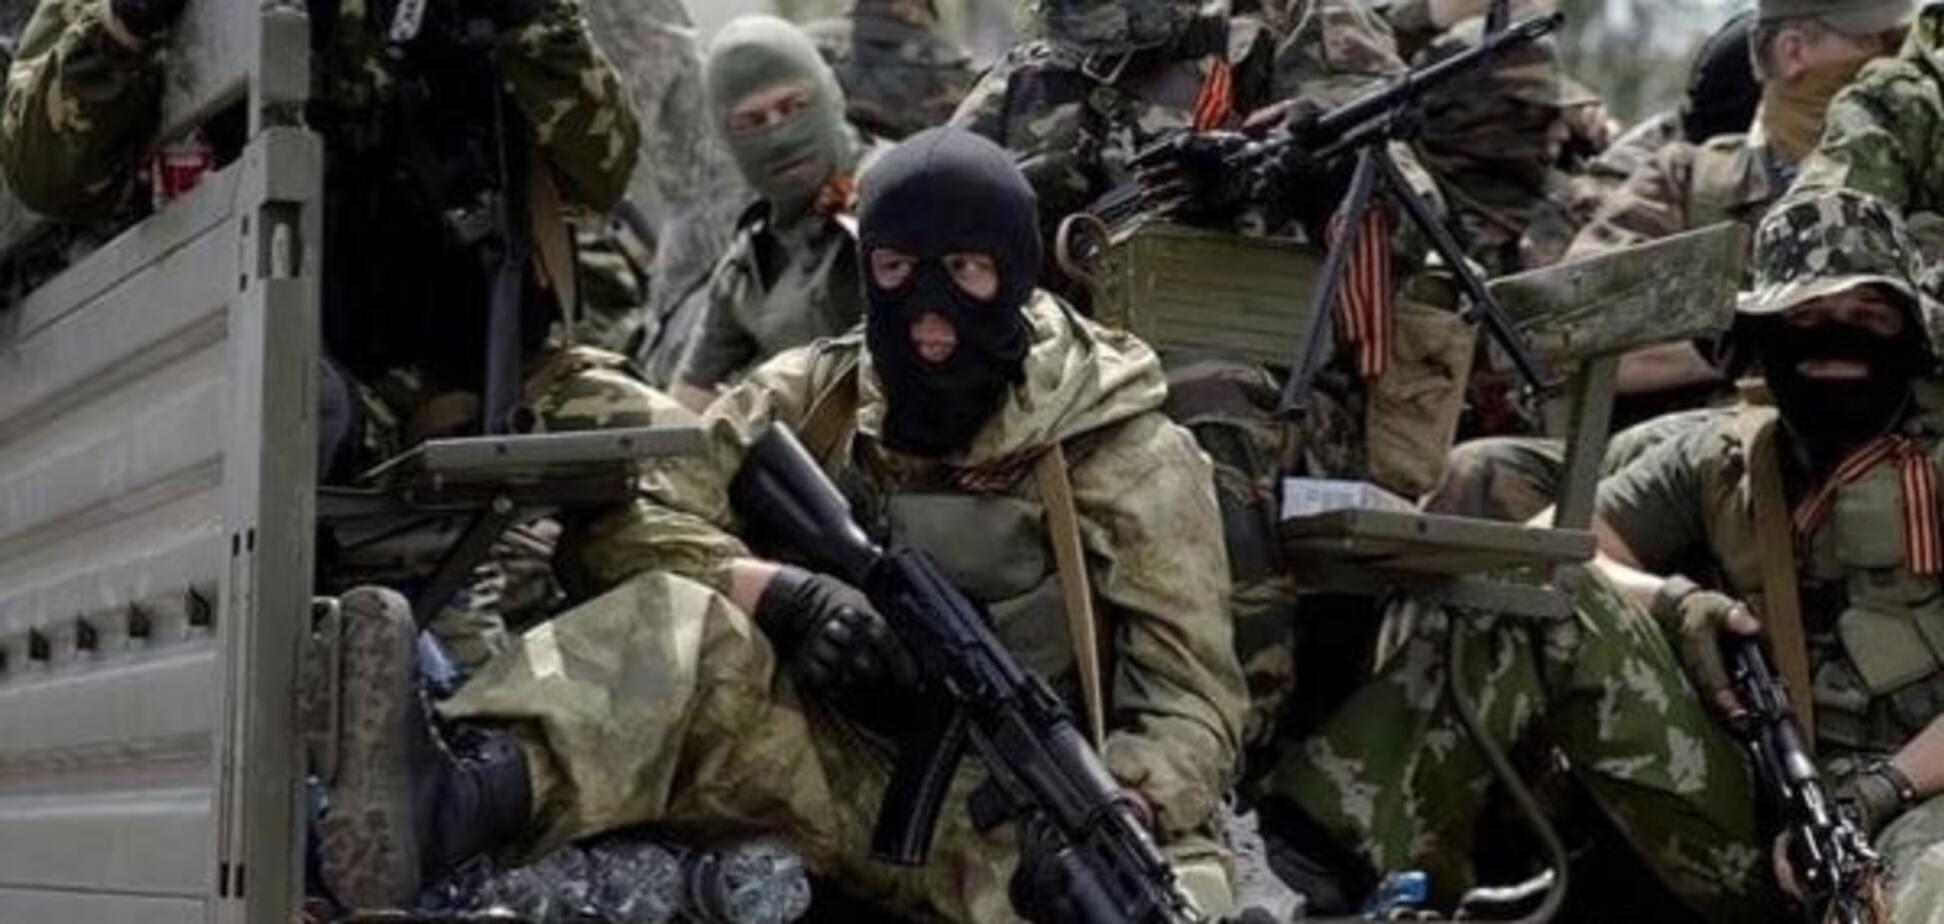 Досягнення 'русского міра': як Донецьк потрапив у Топ-20 найбільш терористично небезпечних міст